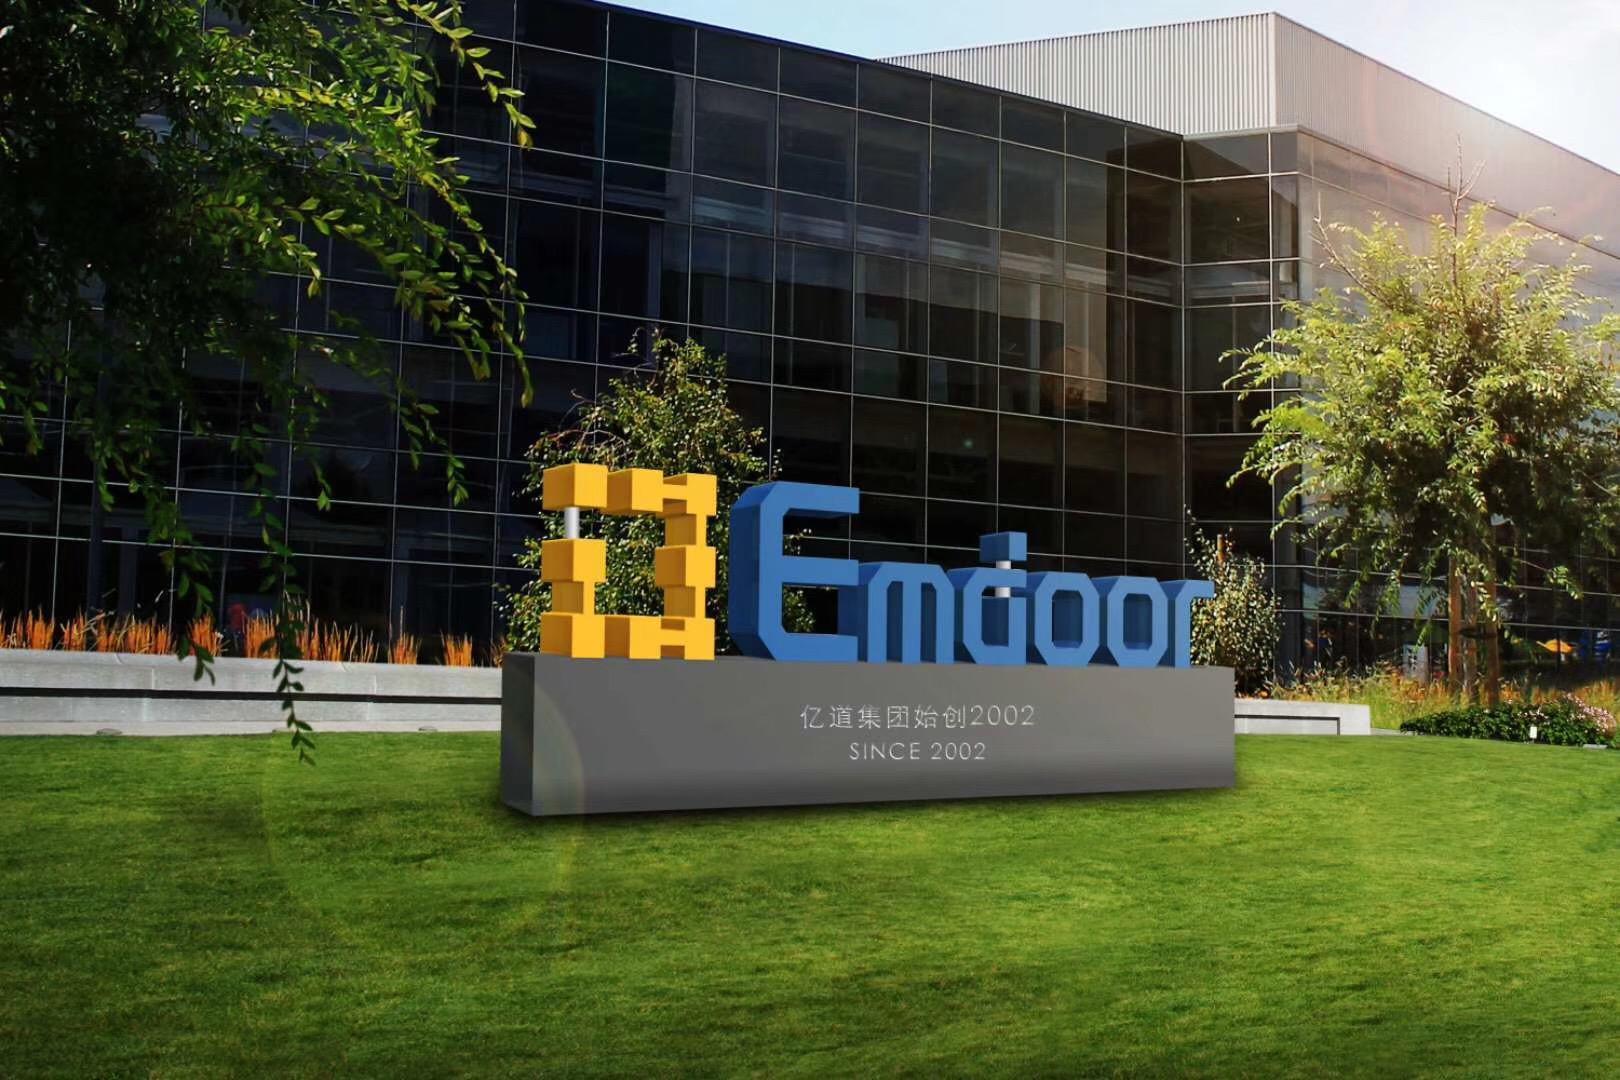 Emdoor